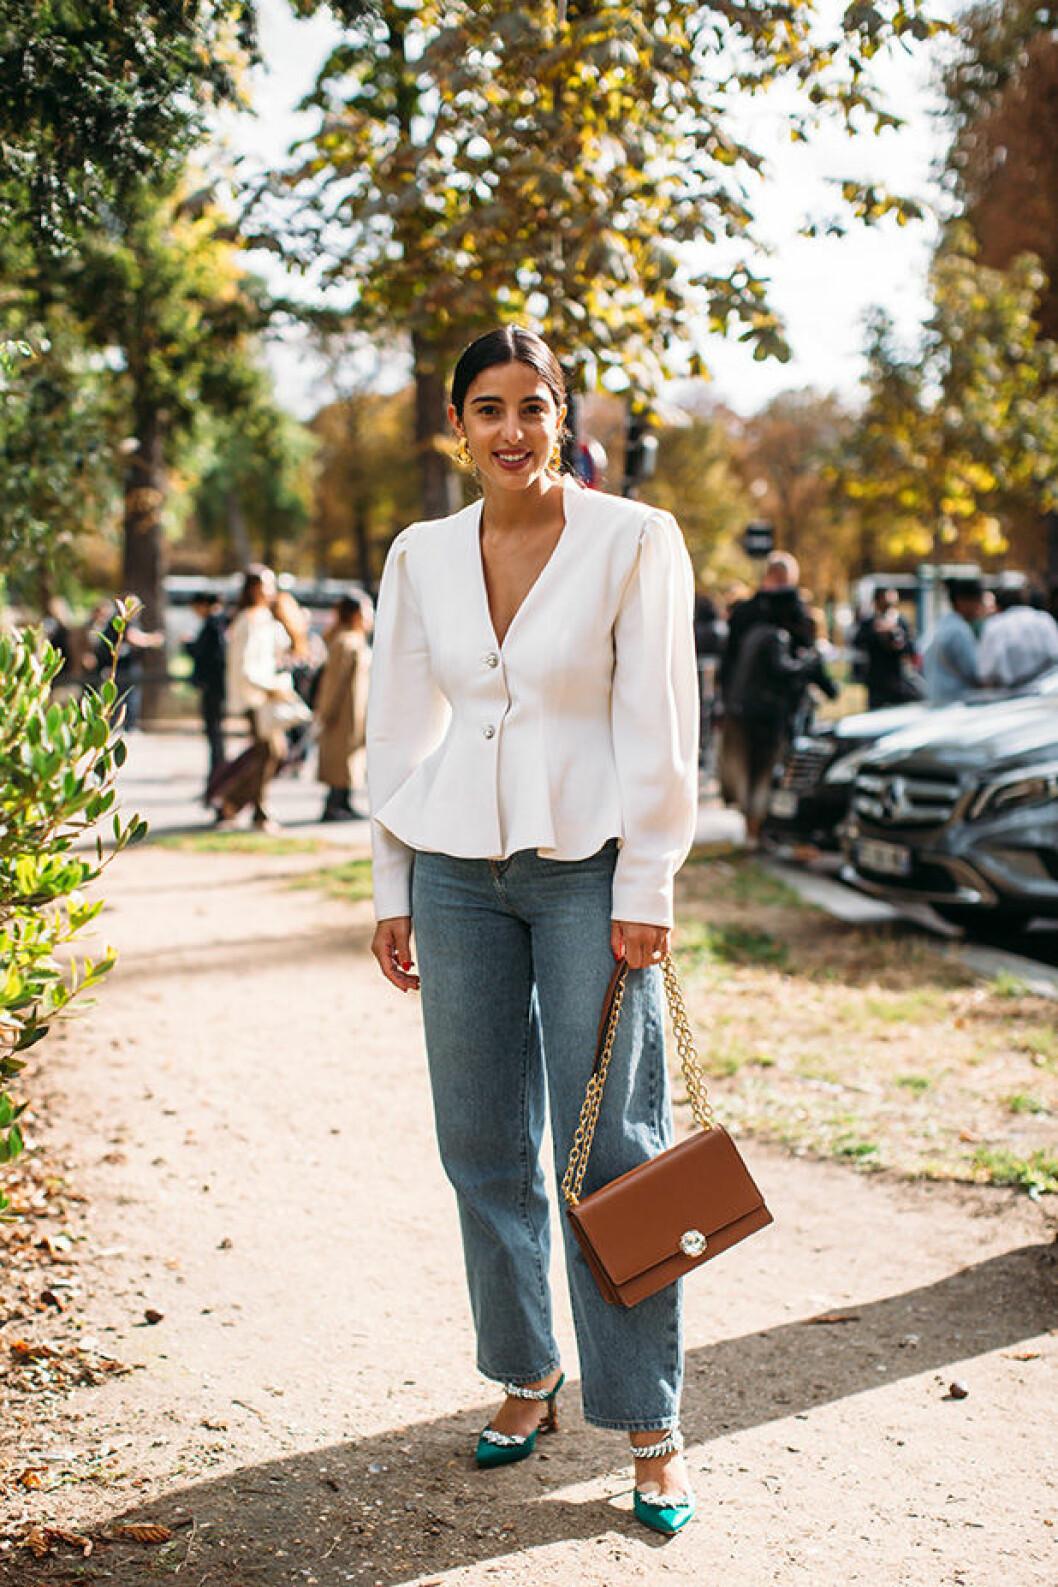 Streetstyleinspiration från modeveckan i Paris.